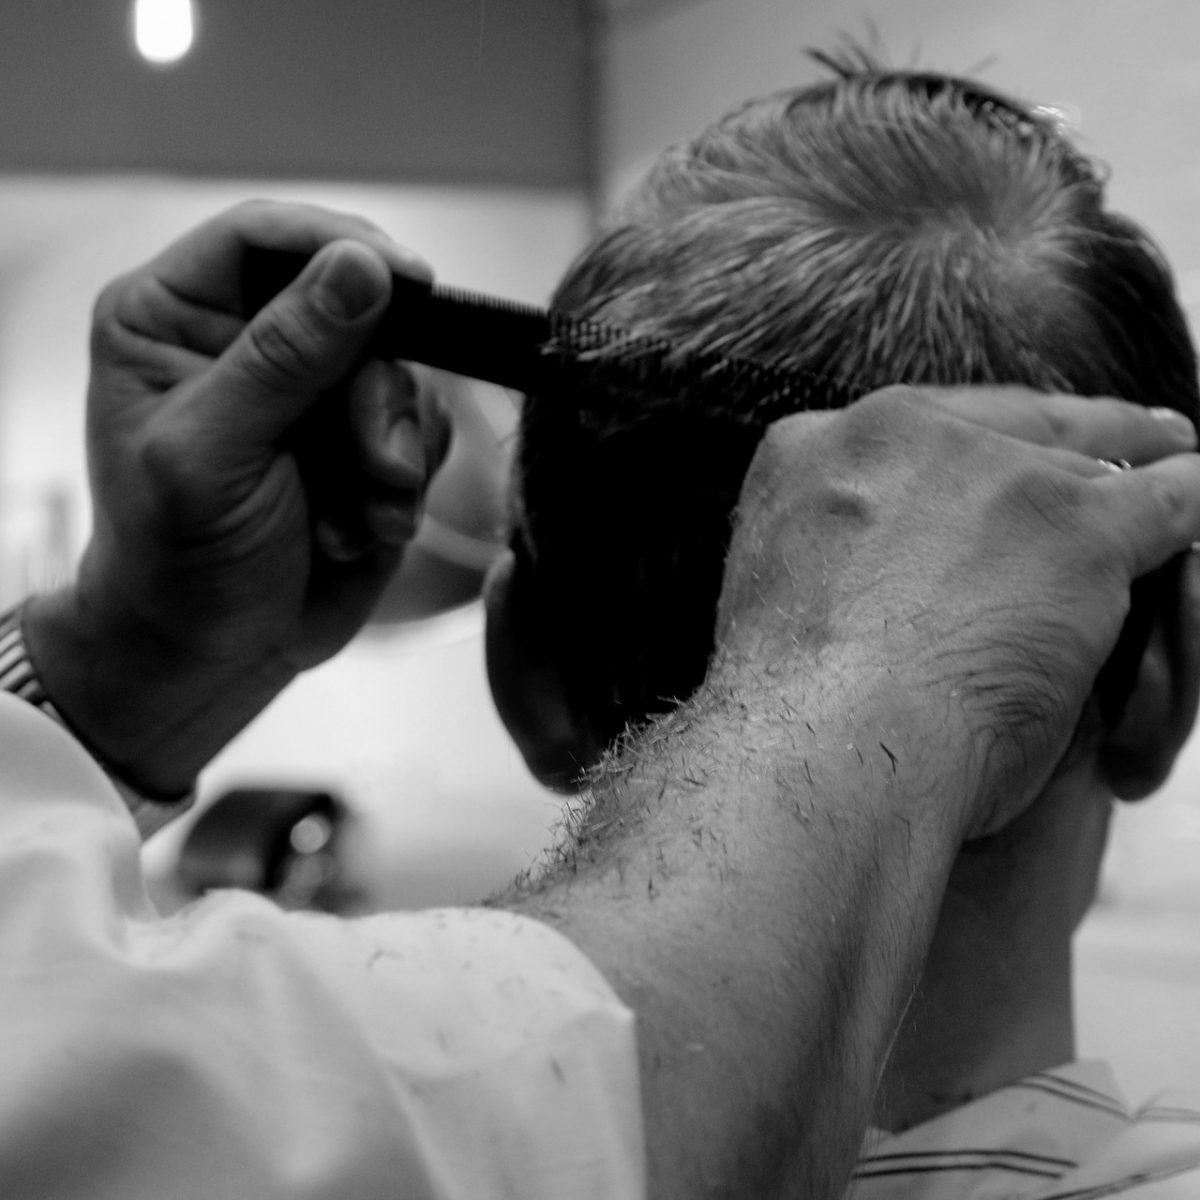 Frisör som klipper en kund